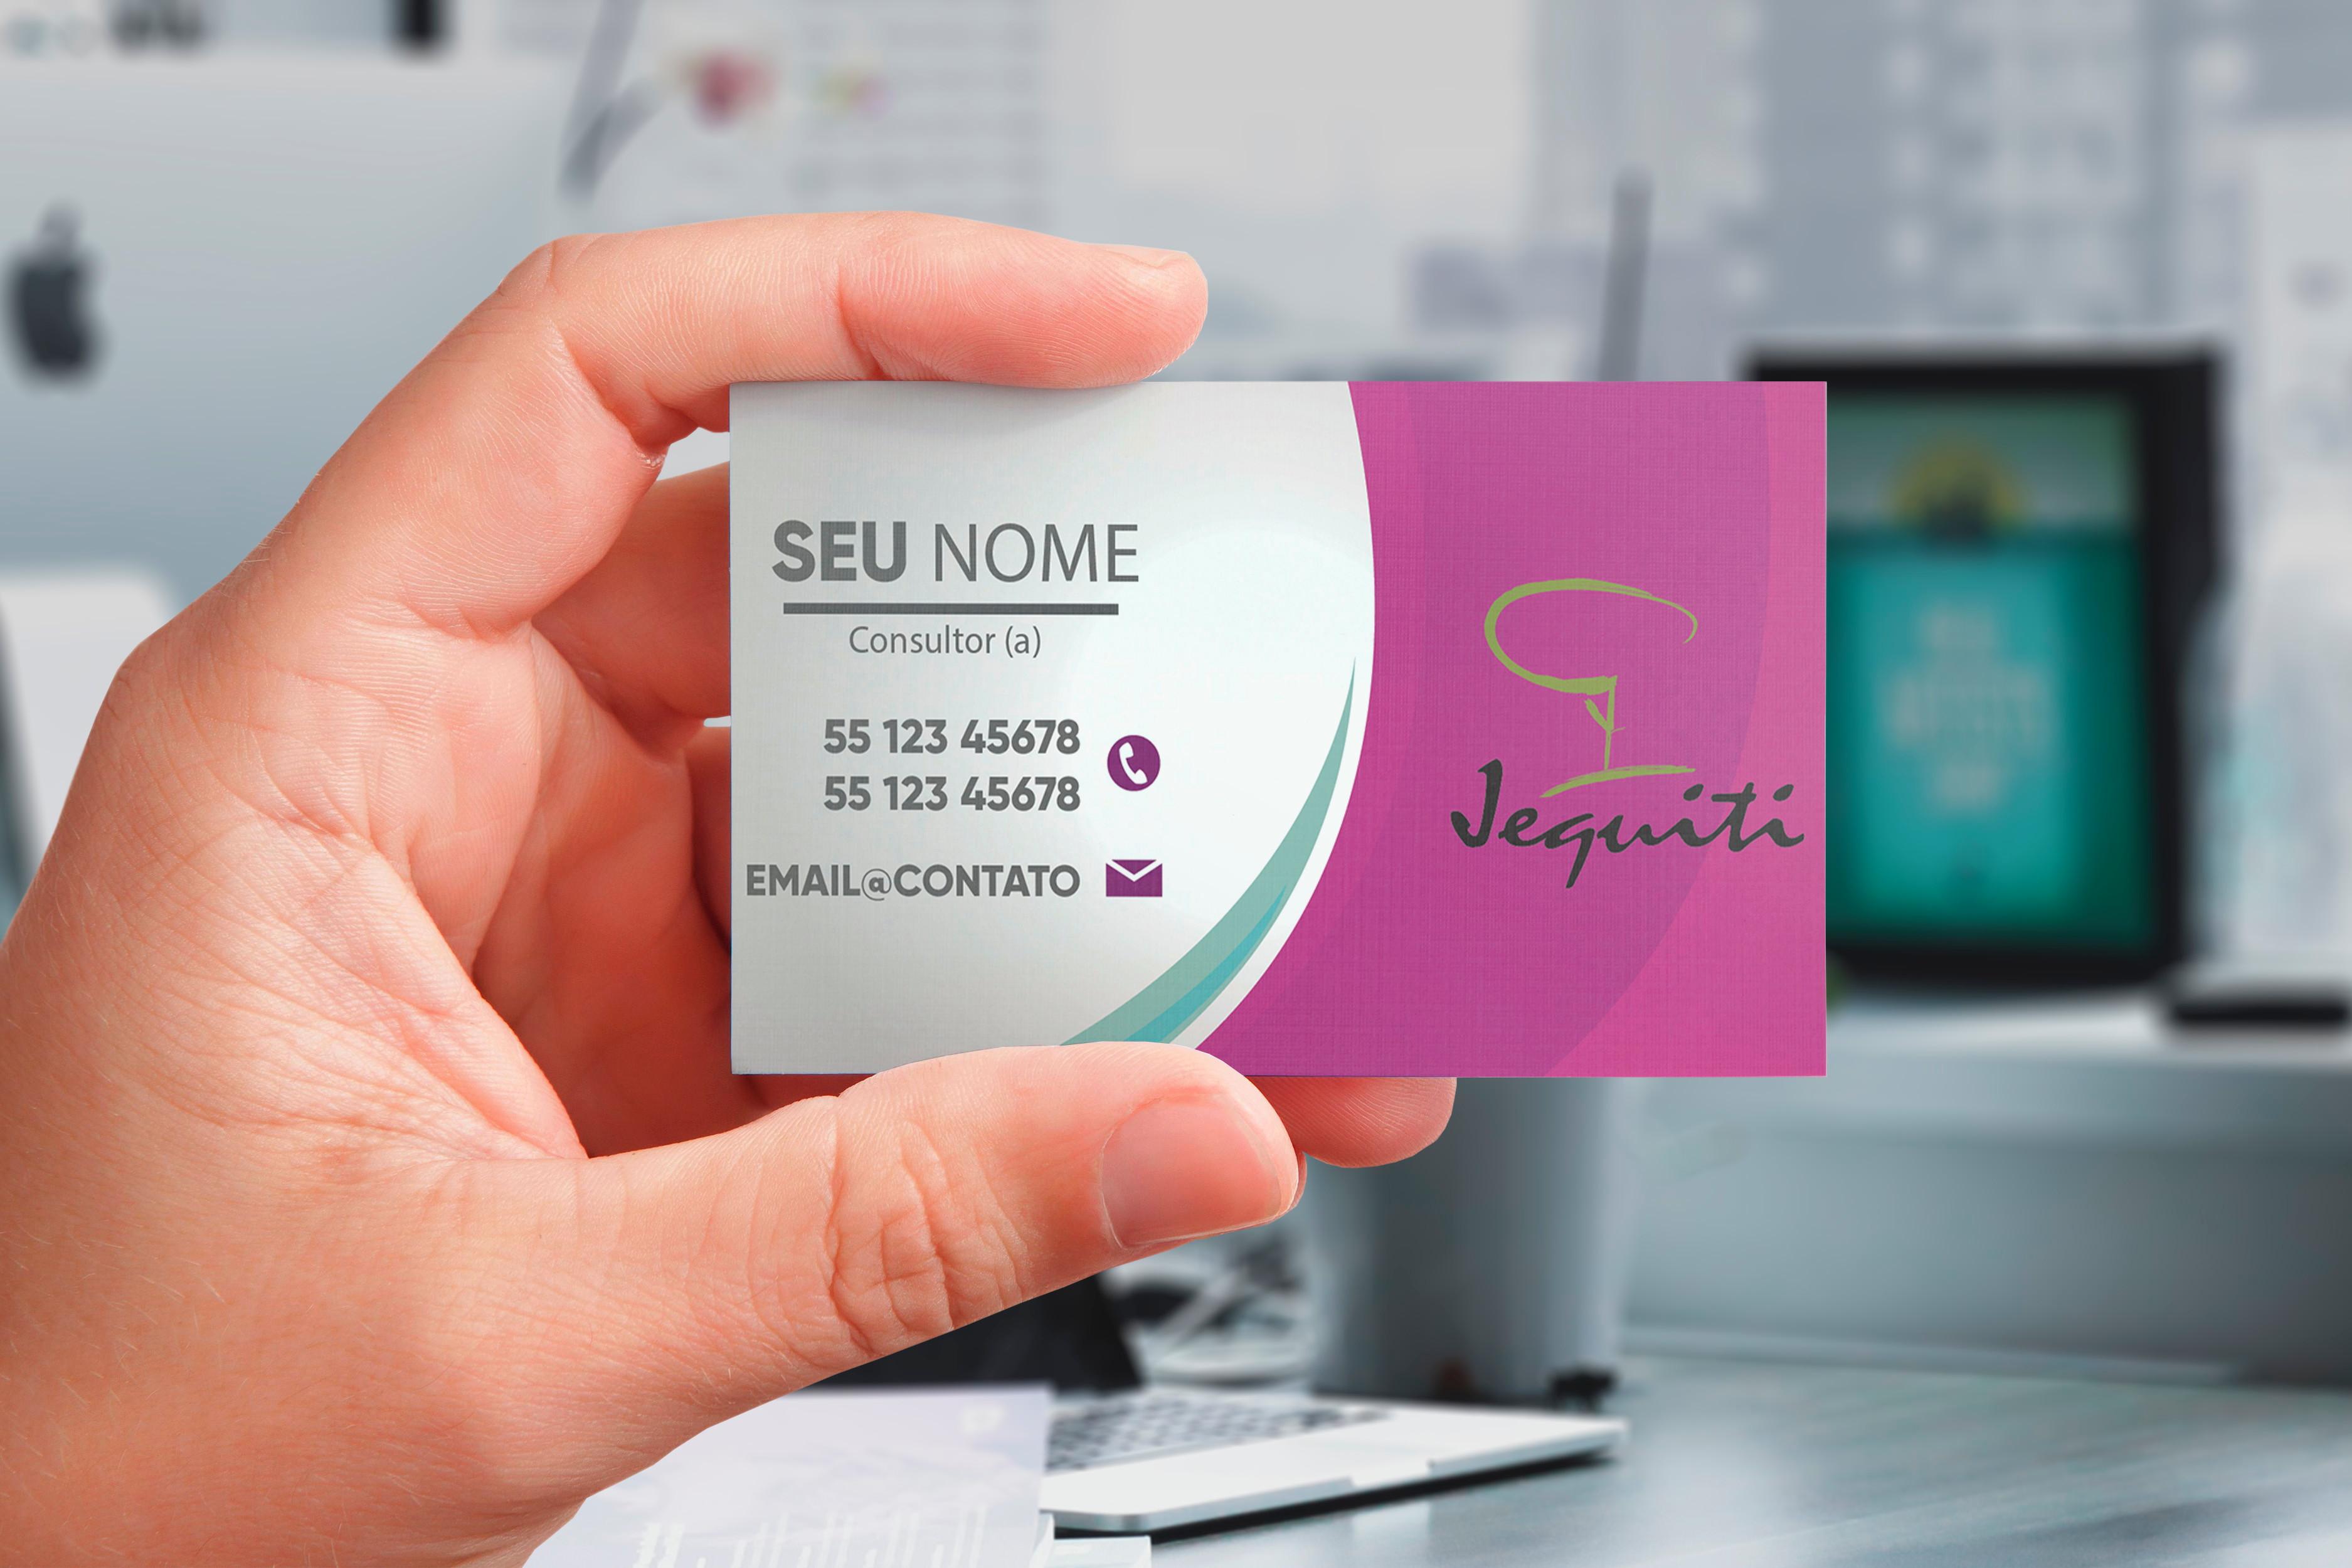 62290b8ef Cartão de Visita Personalizado JEQUITI 1000 unid. no Elo7 | Ana Lopes  Designer (E13DB4)